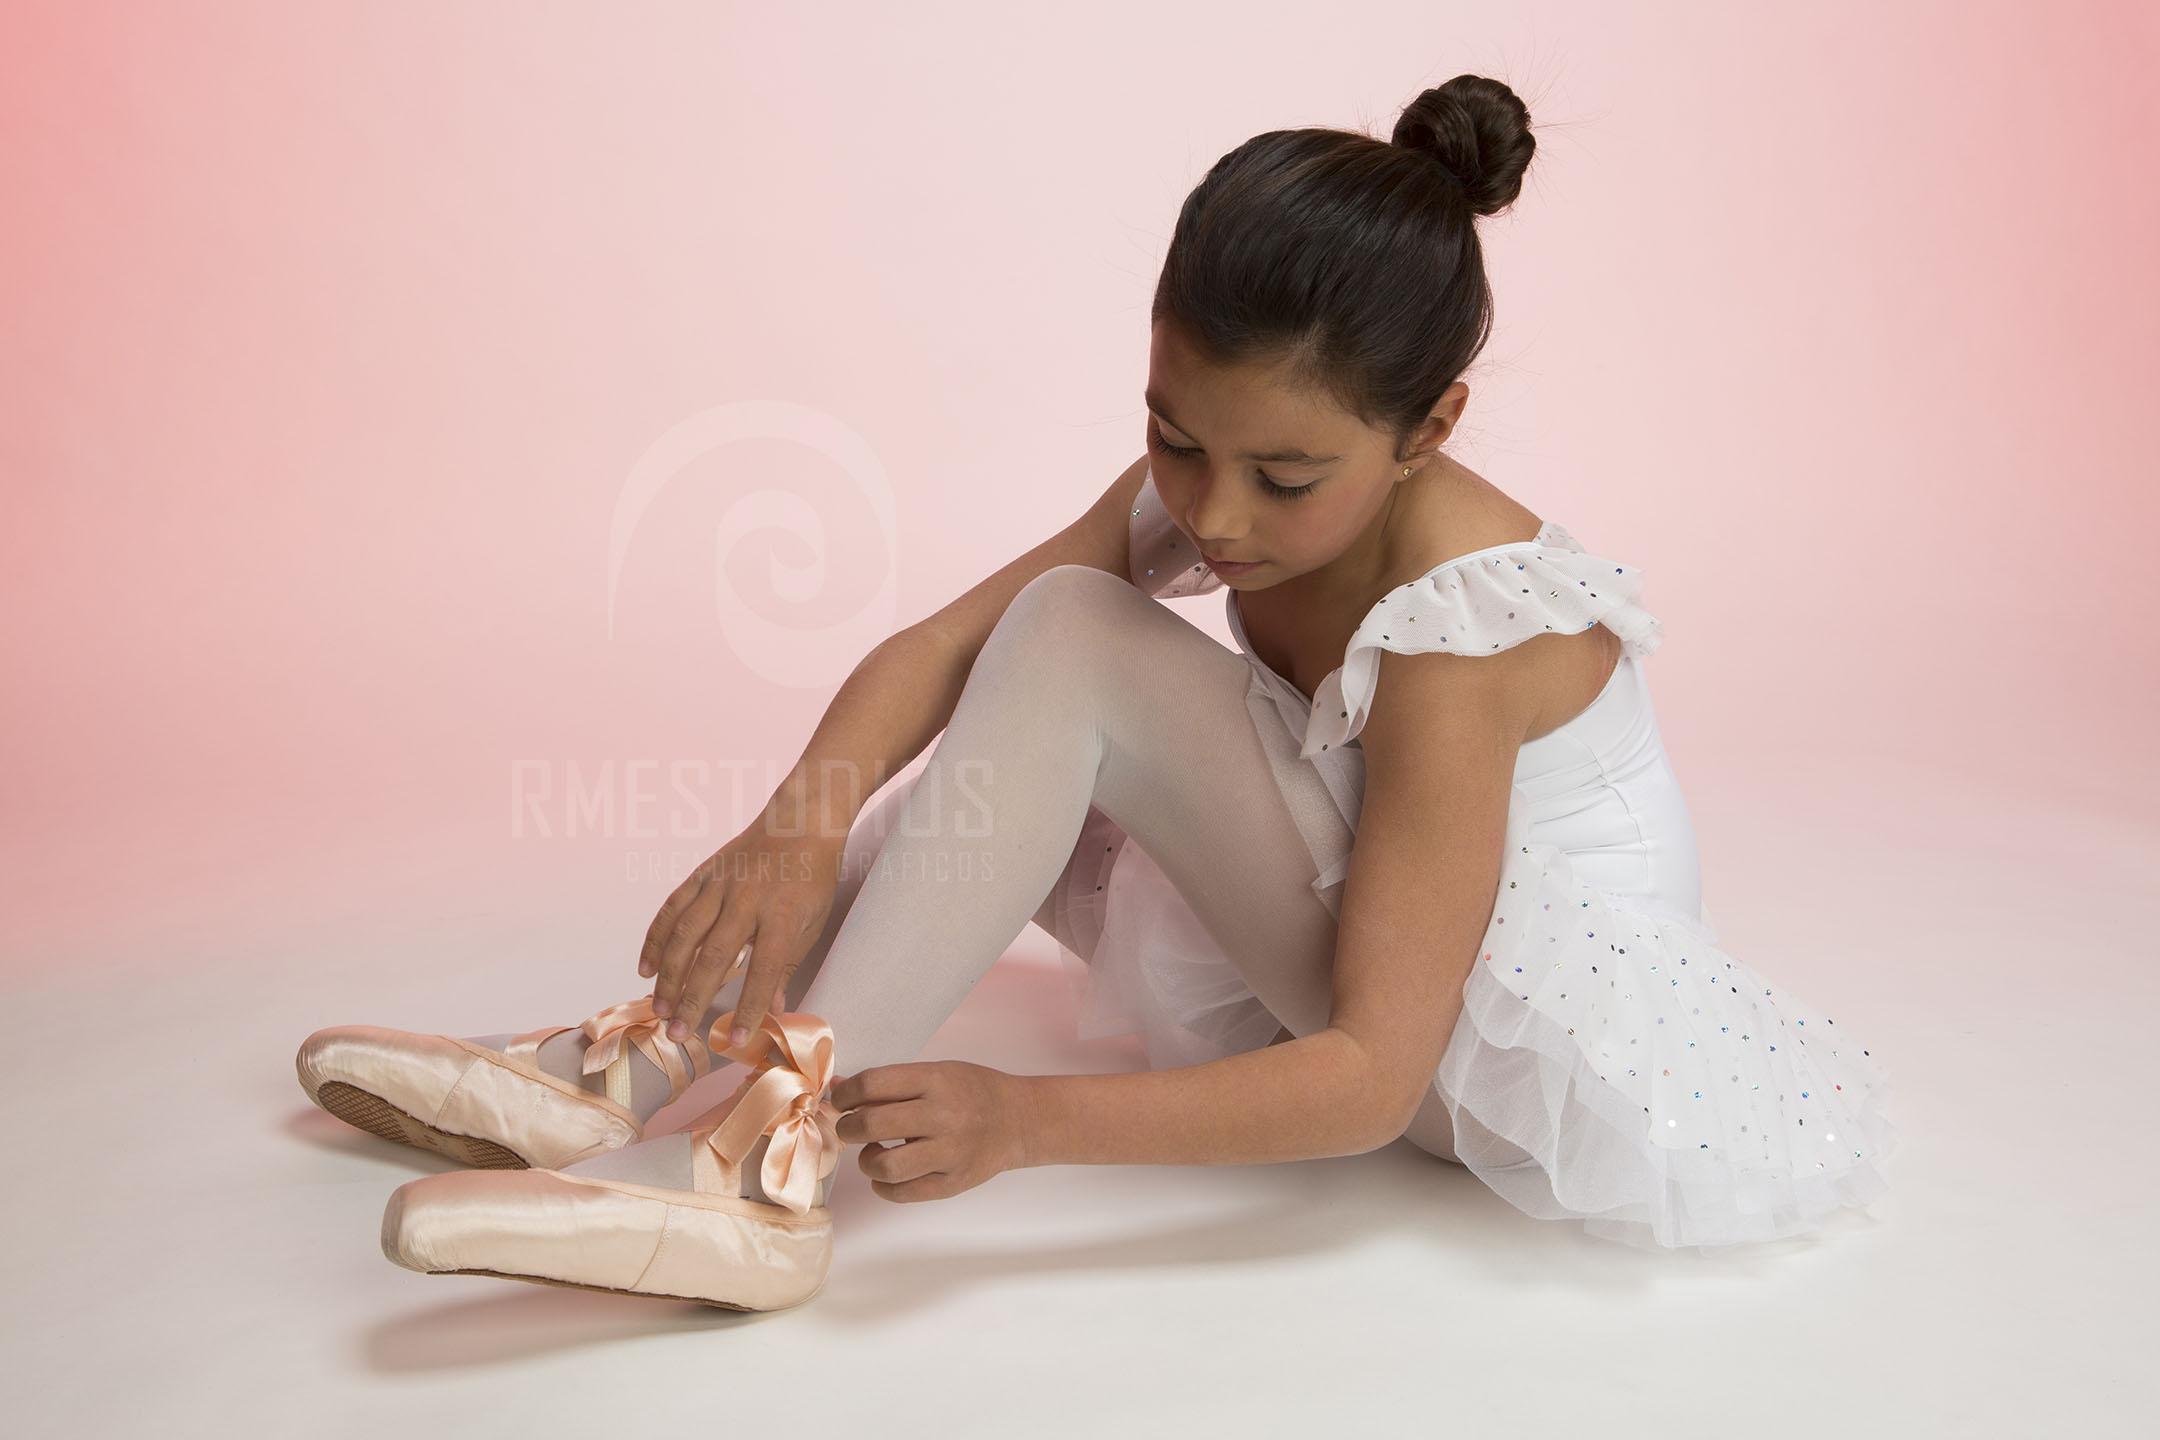 retrato de estudio - bailarina